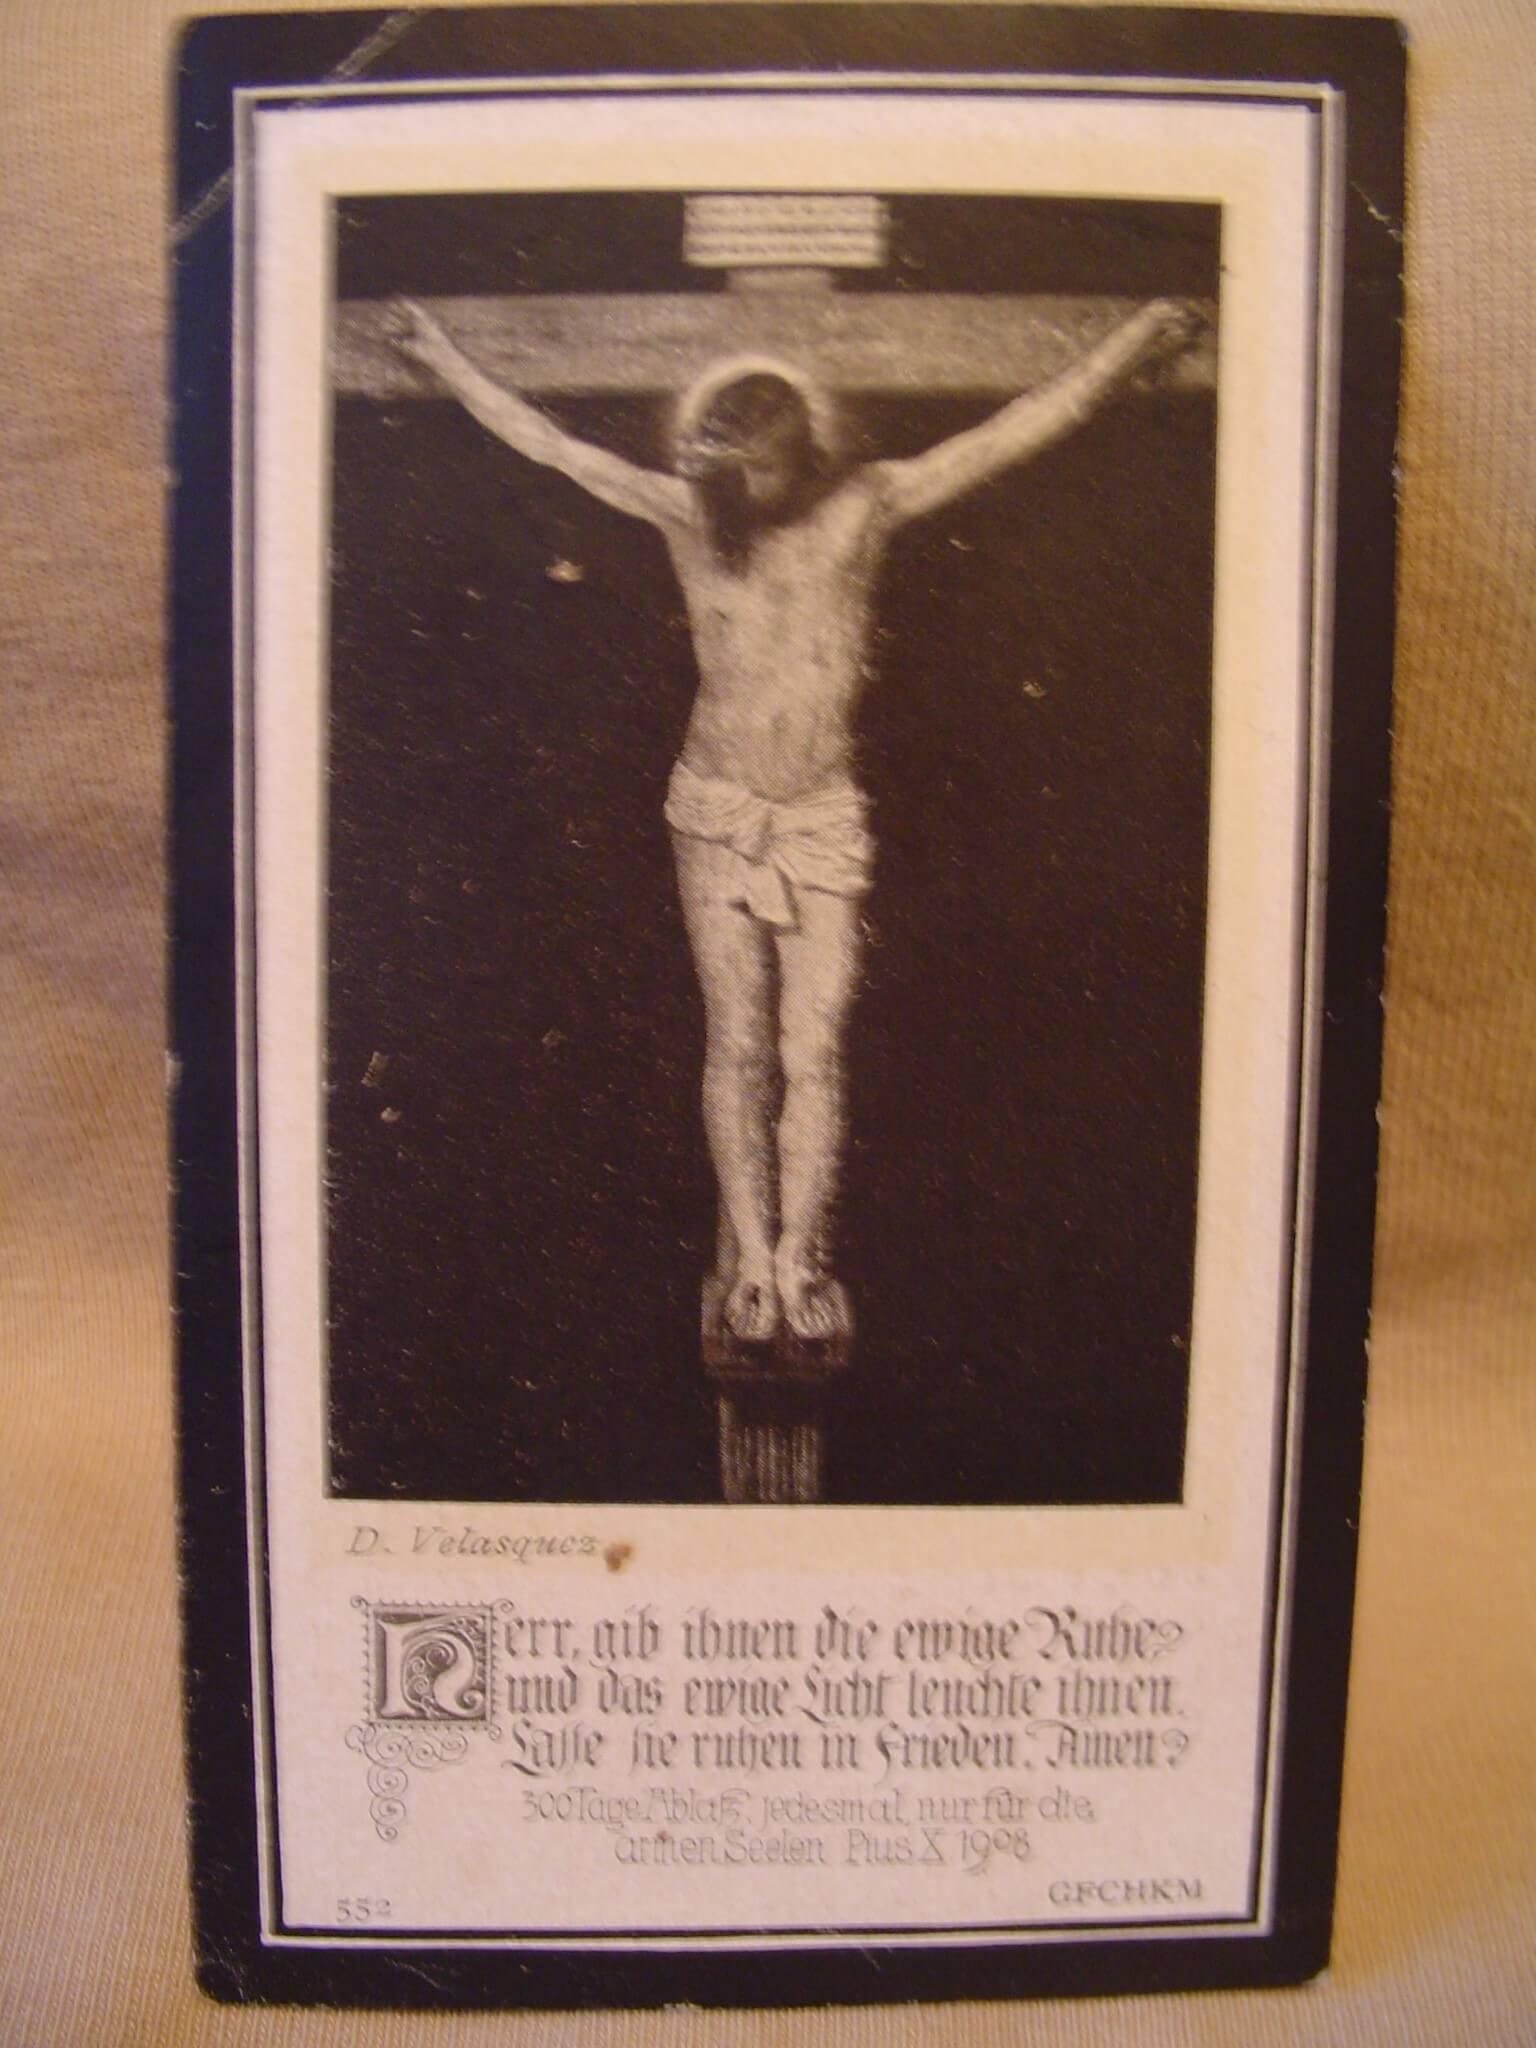 Duits bidprentje uit 1918. van een gesneuvelde soldaat uit de eerste wereldoorlog.